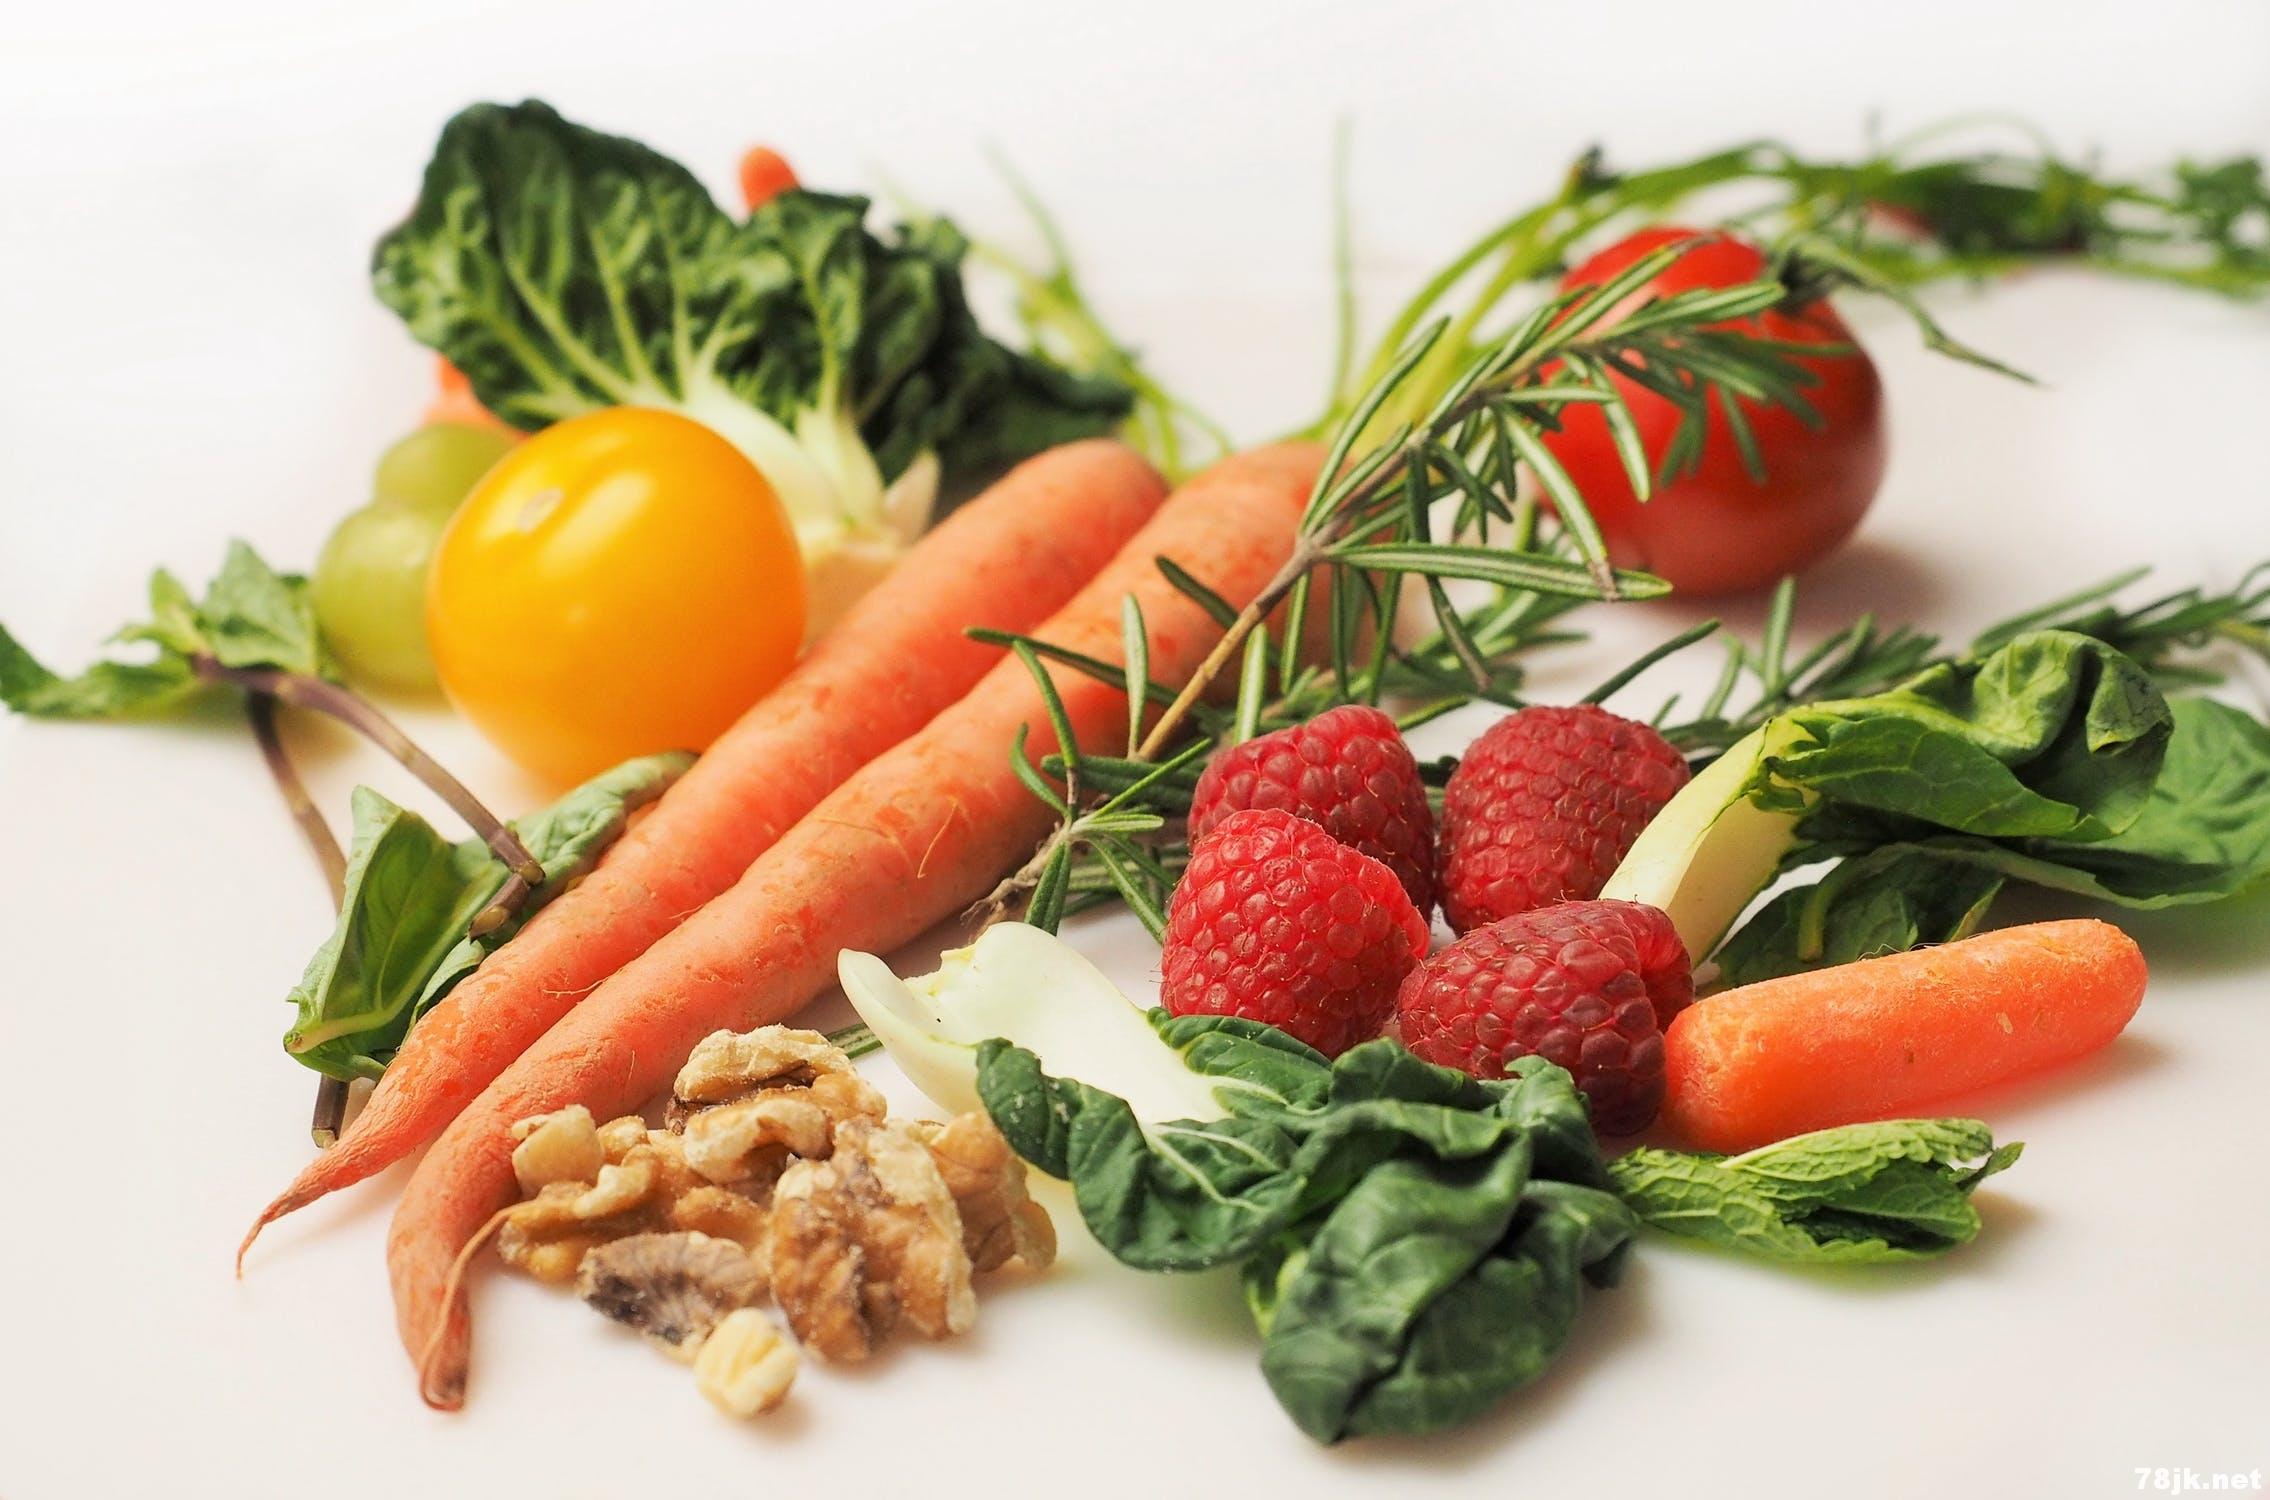 维生素 A:概述、作用、副作用以及通过饮食补充